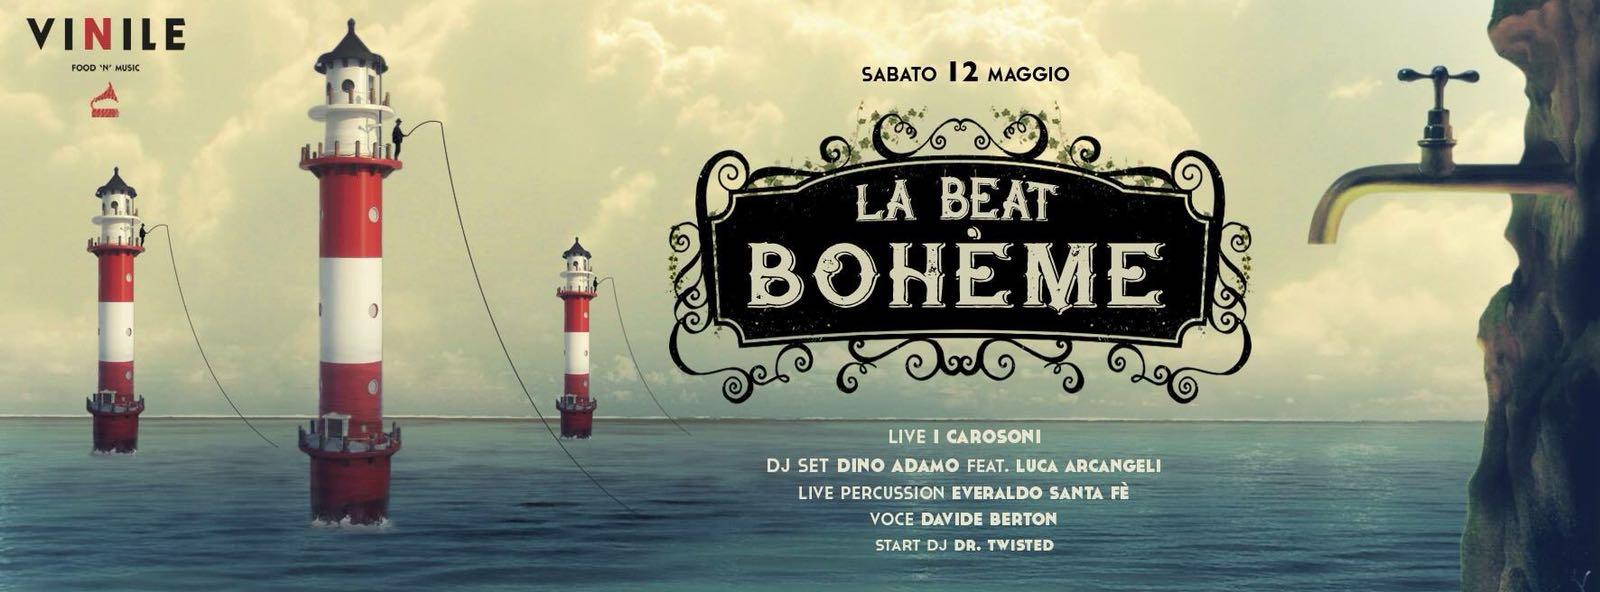 Discoteca Vinile Roma sabato 12 maggio 2018 Discoteche Roma